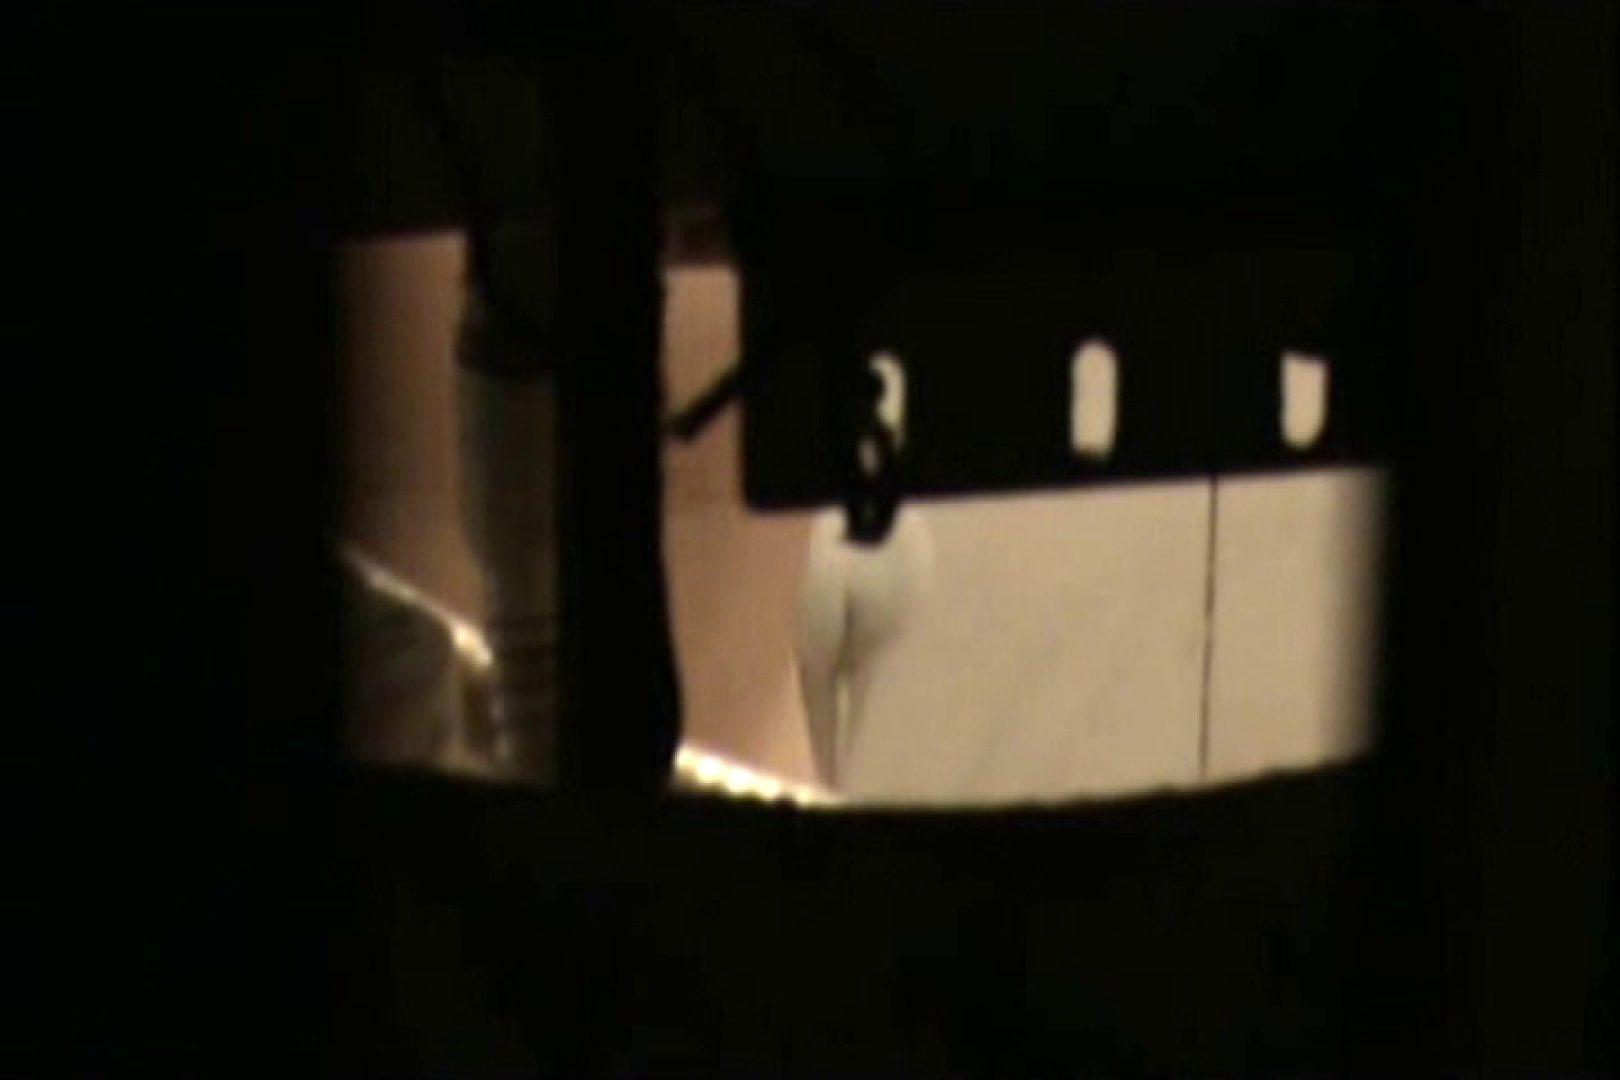 ぼっとん洗面所スペシャルVol.3 おまんこ無修正 盗撮アダルト動画キャプチャ 92pic 89